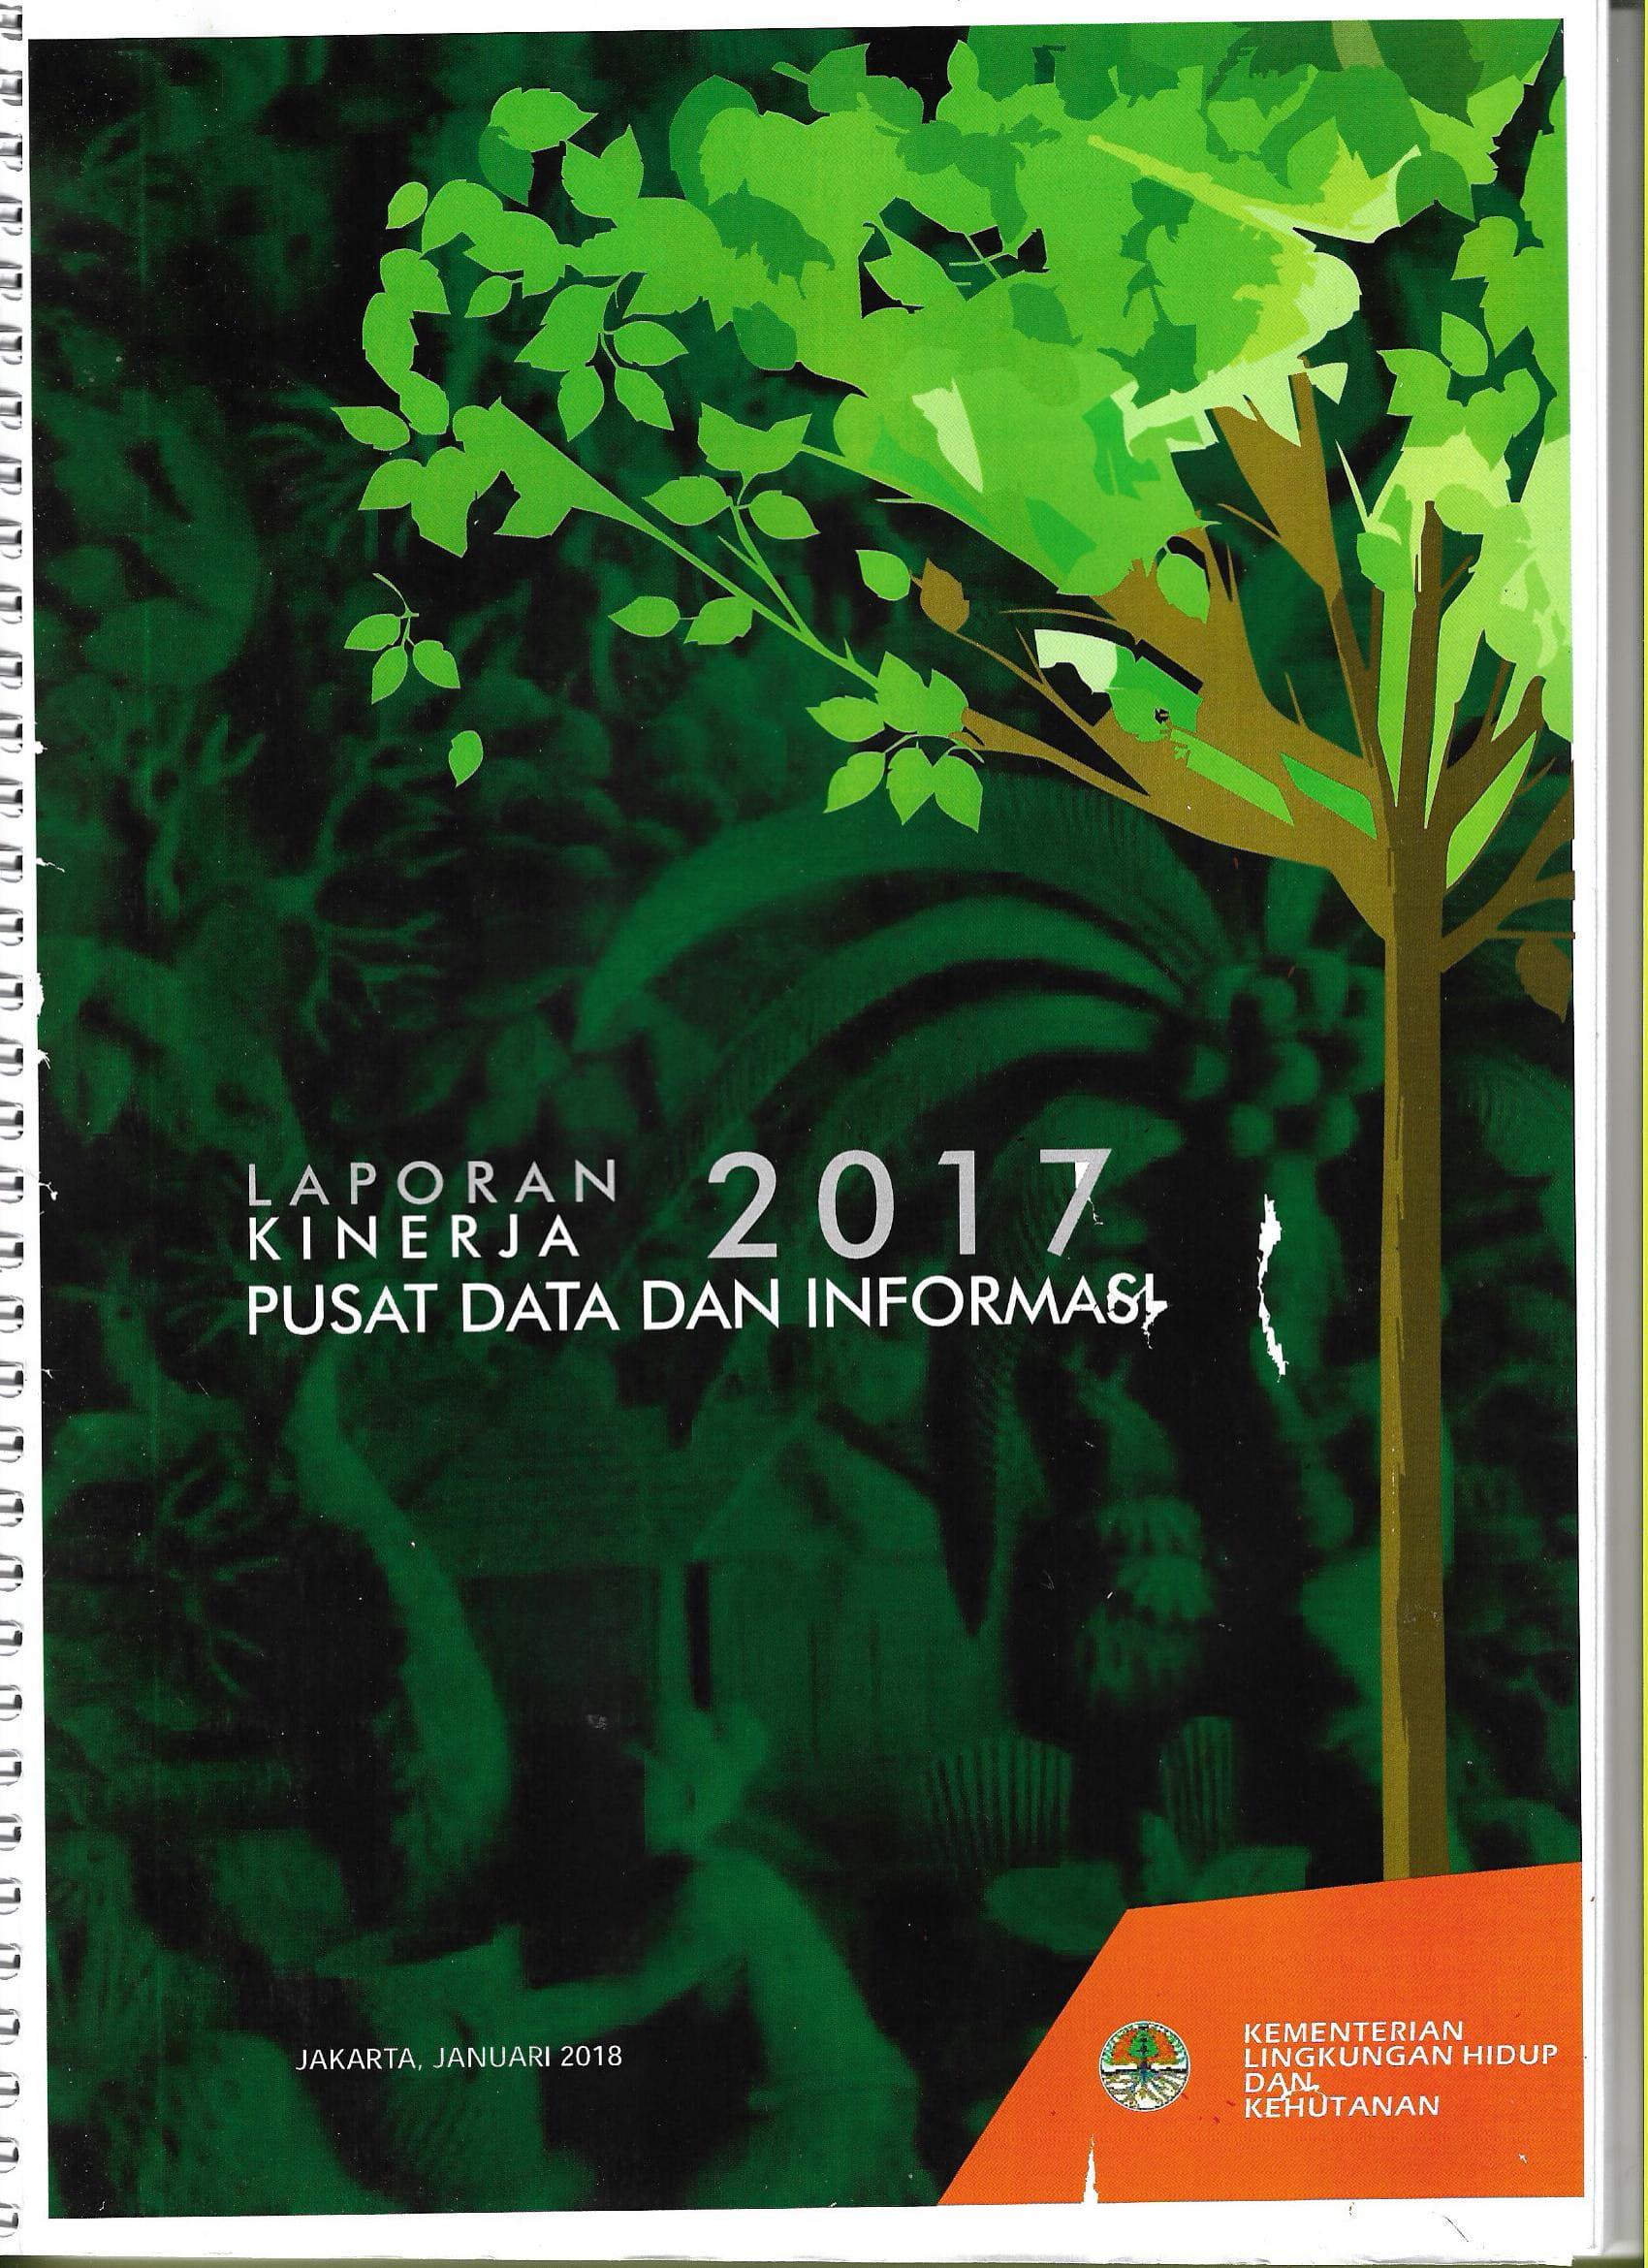 Laporan Kinerja Pusat Data dan Informasi 2017